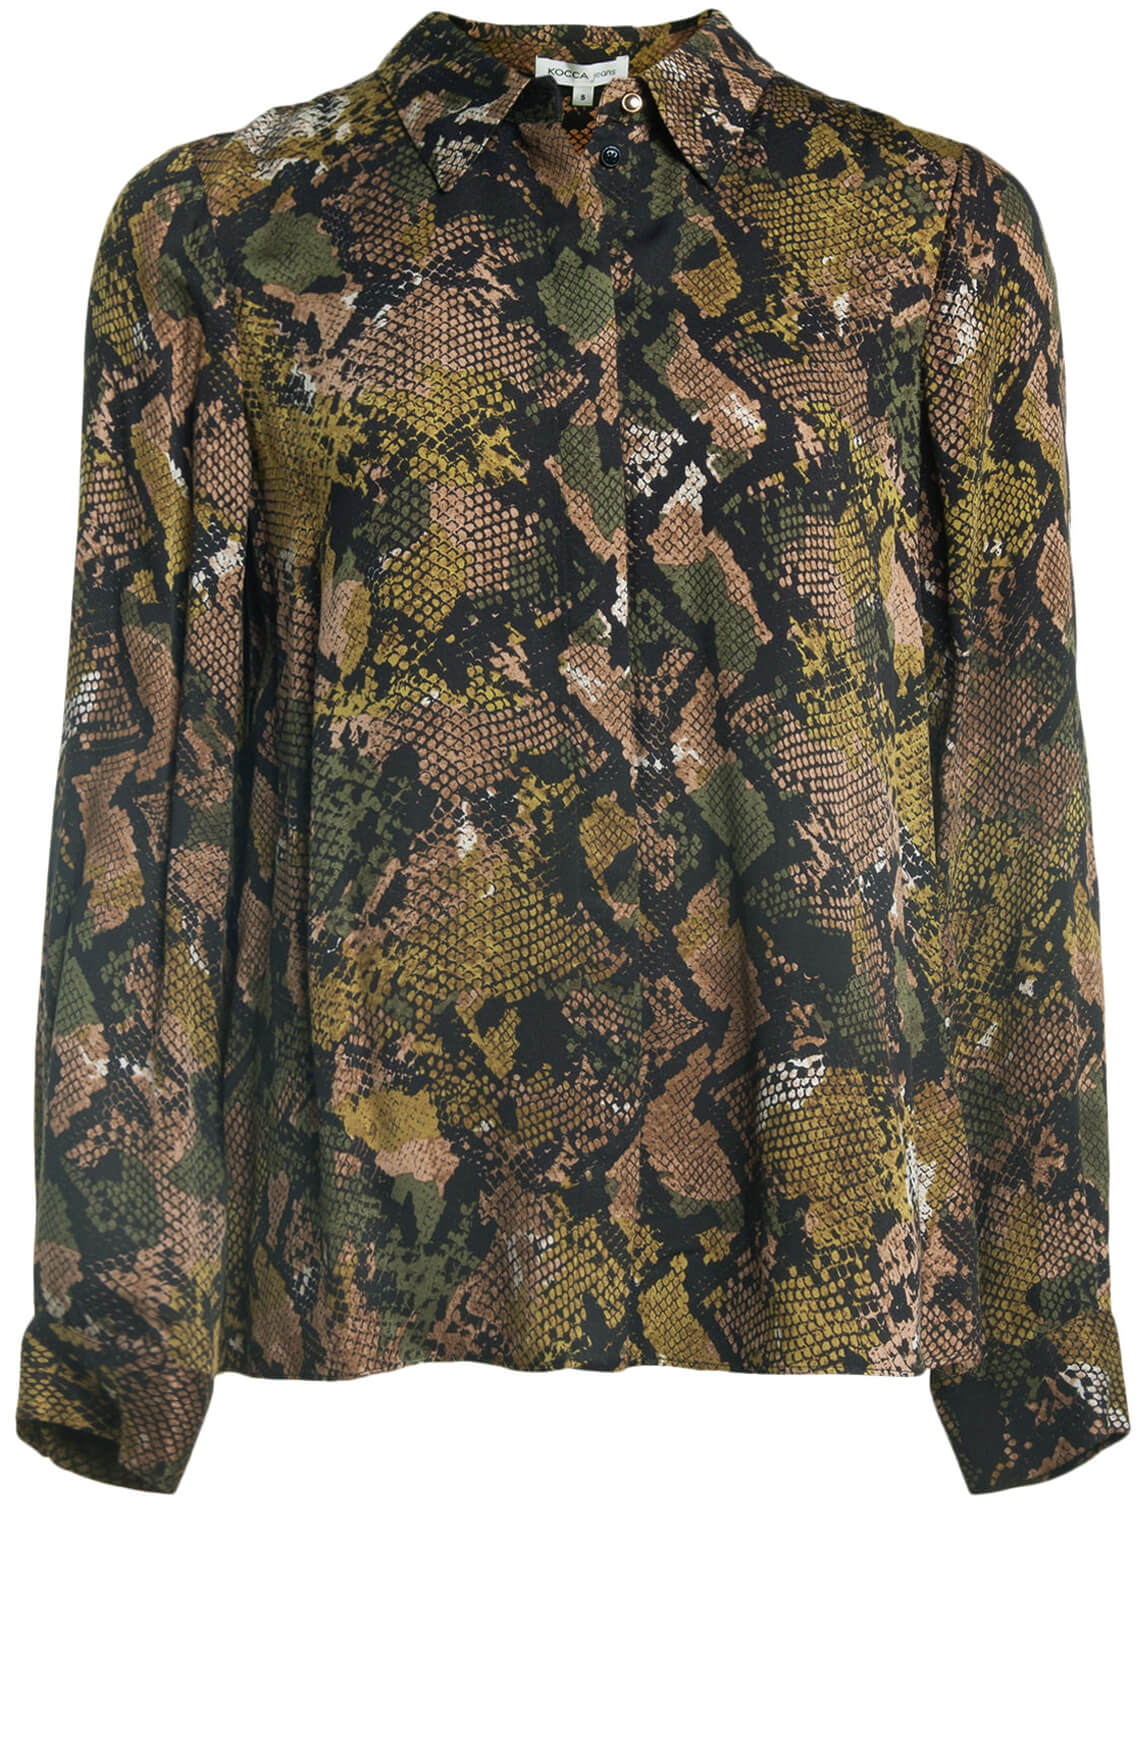 Kocca Dames Koffil reptiel blouse groen